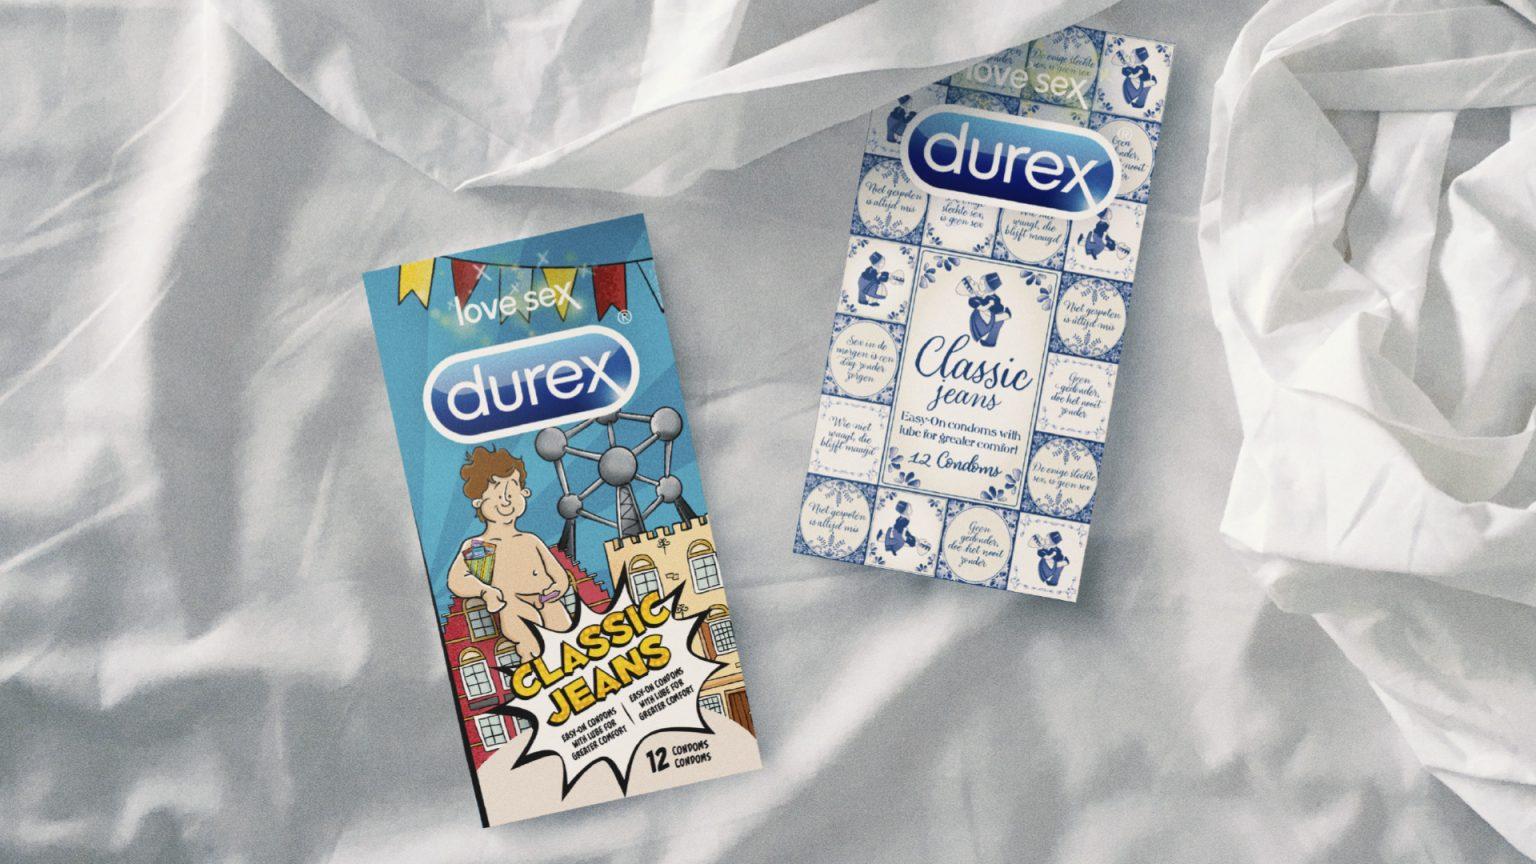 Durex Celebration Pack